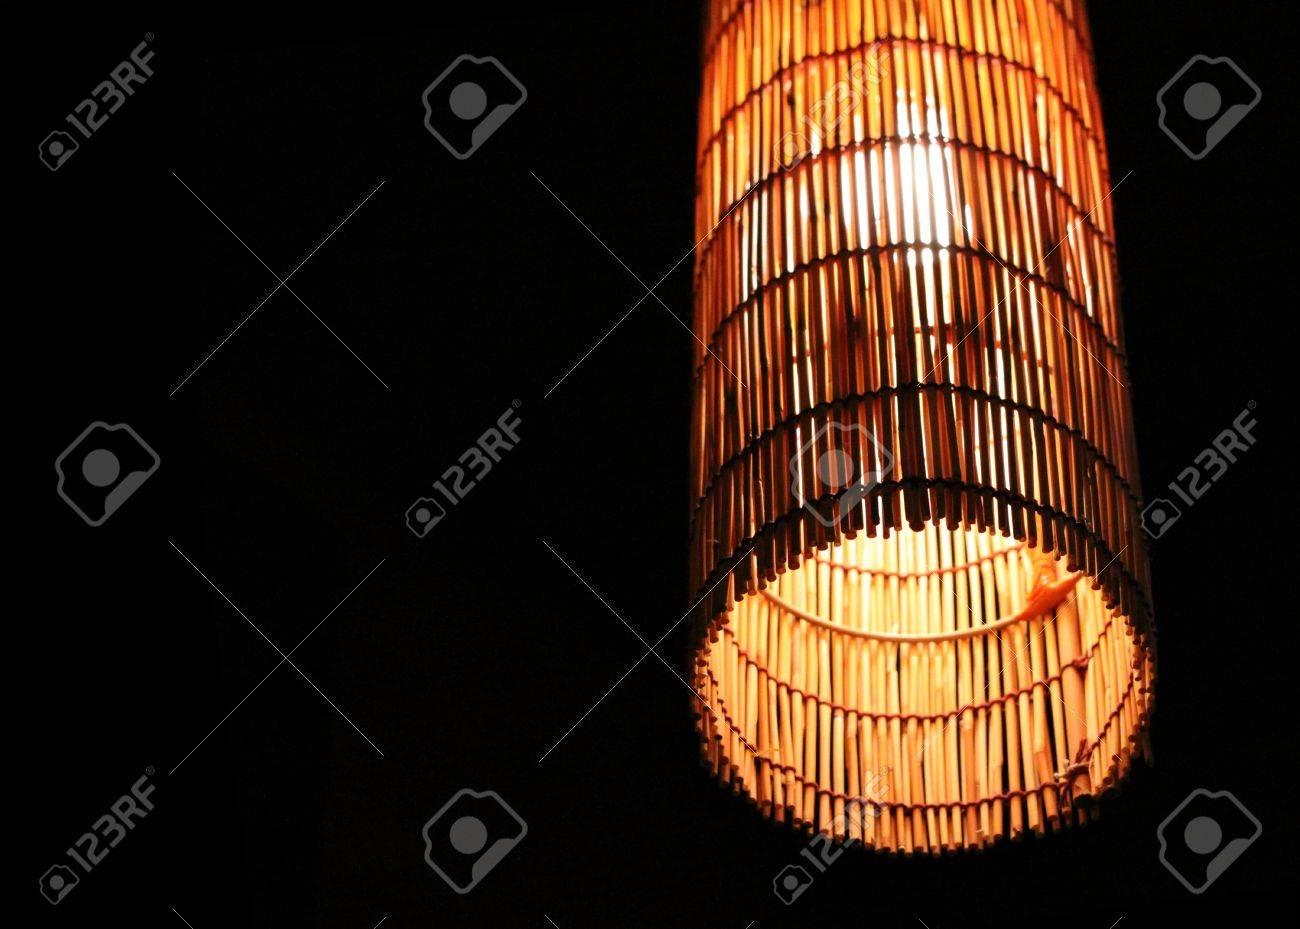 Plafoniera Vimini : Bambù plafoniera foto royalty free immagini e archivi